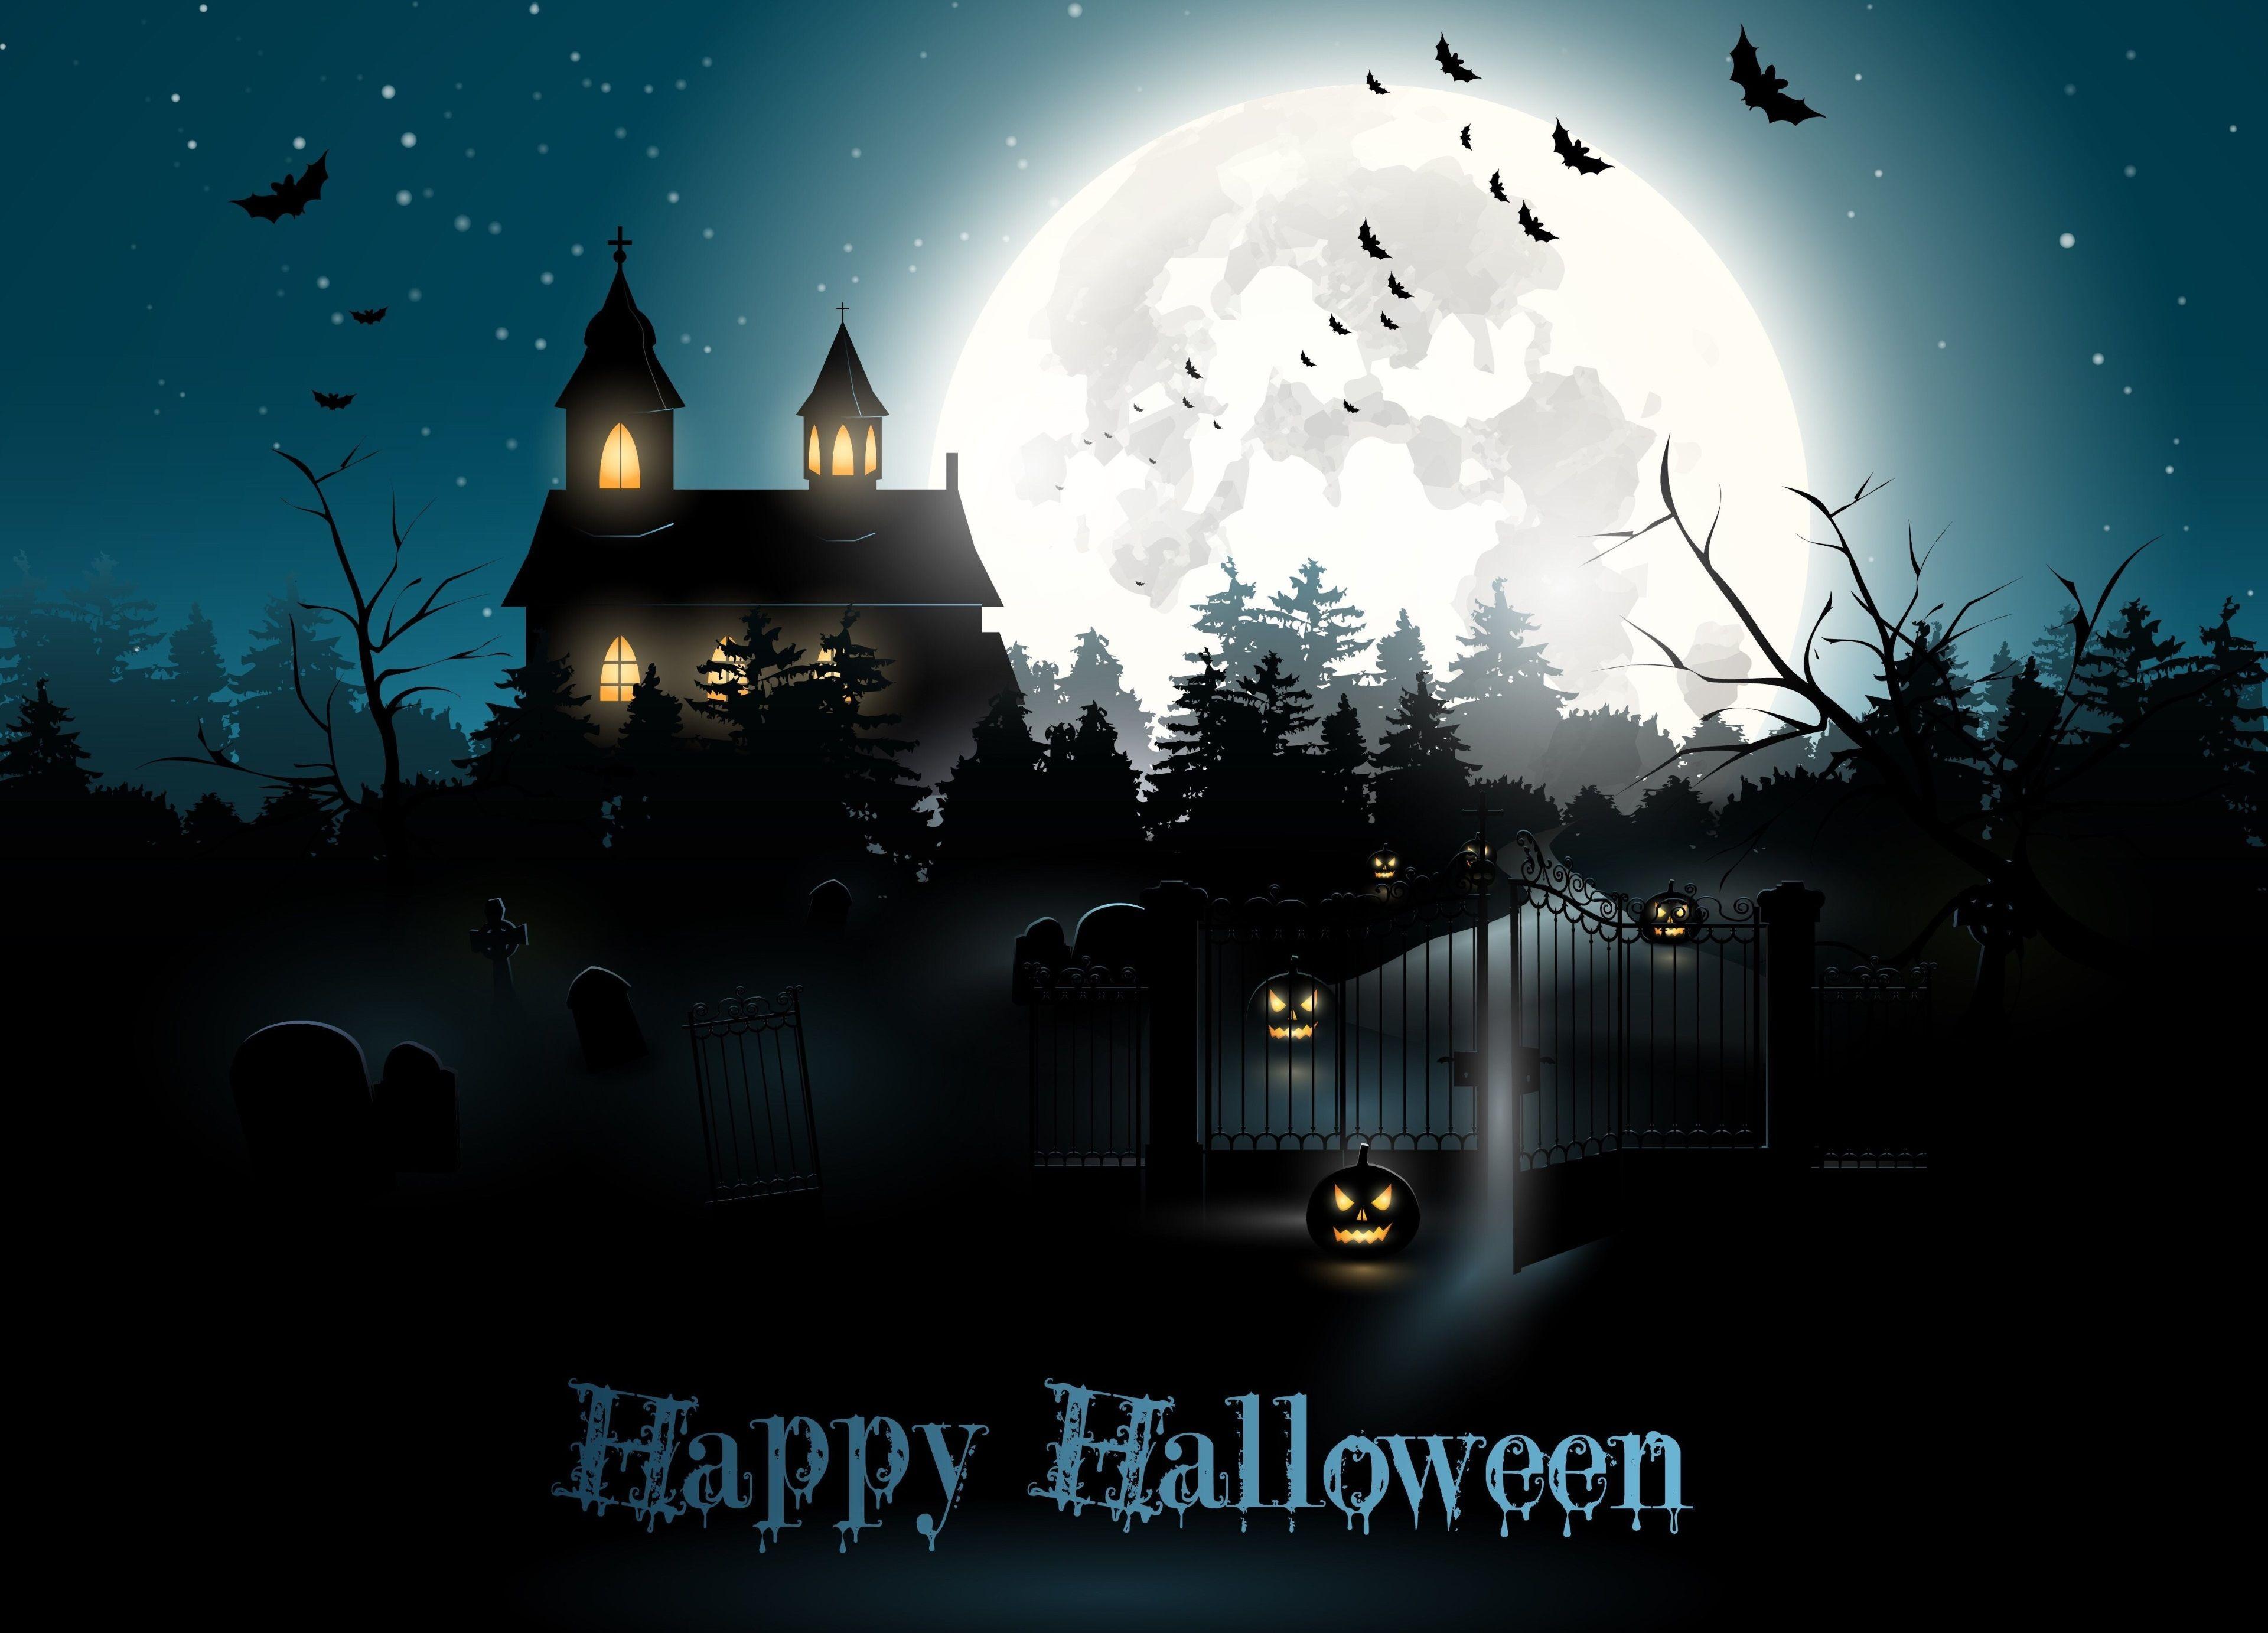 3840x2765 Halloween 4k Hi Def Wallpapers Halloween Wallpaper Halloween Images Happy Halloween Gif